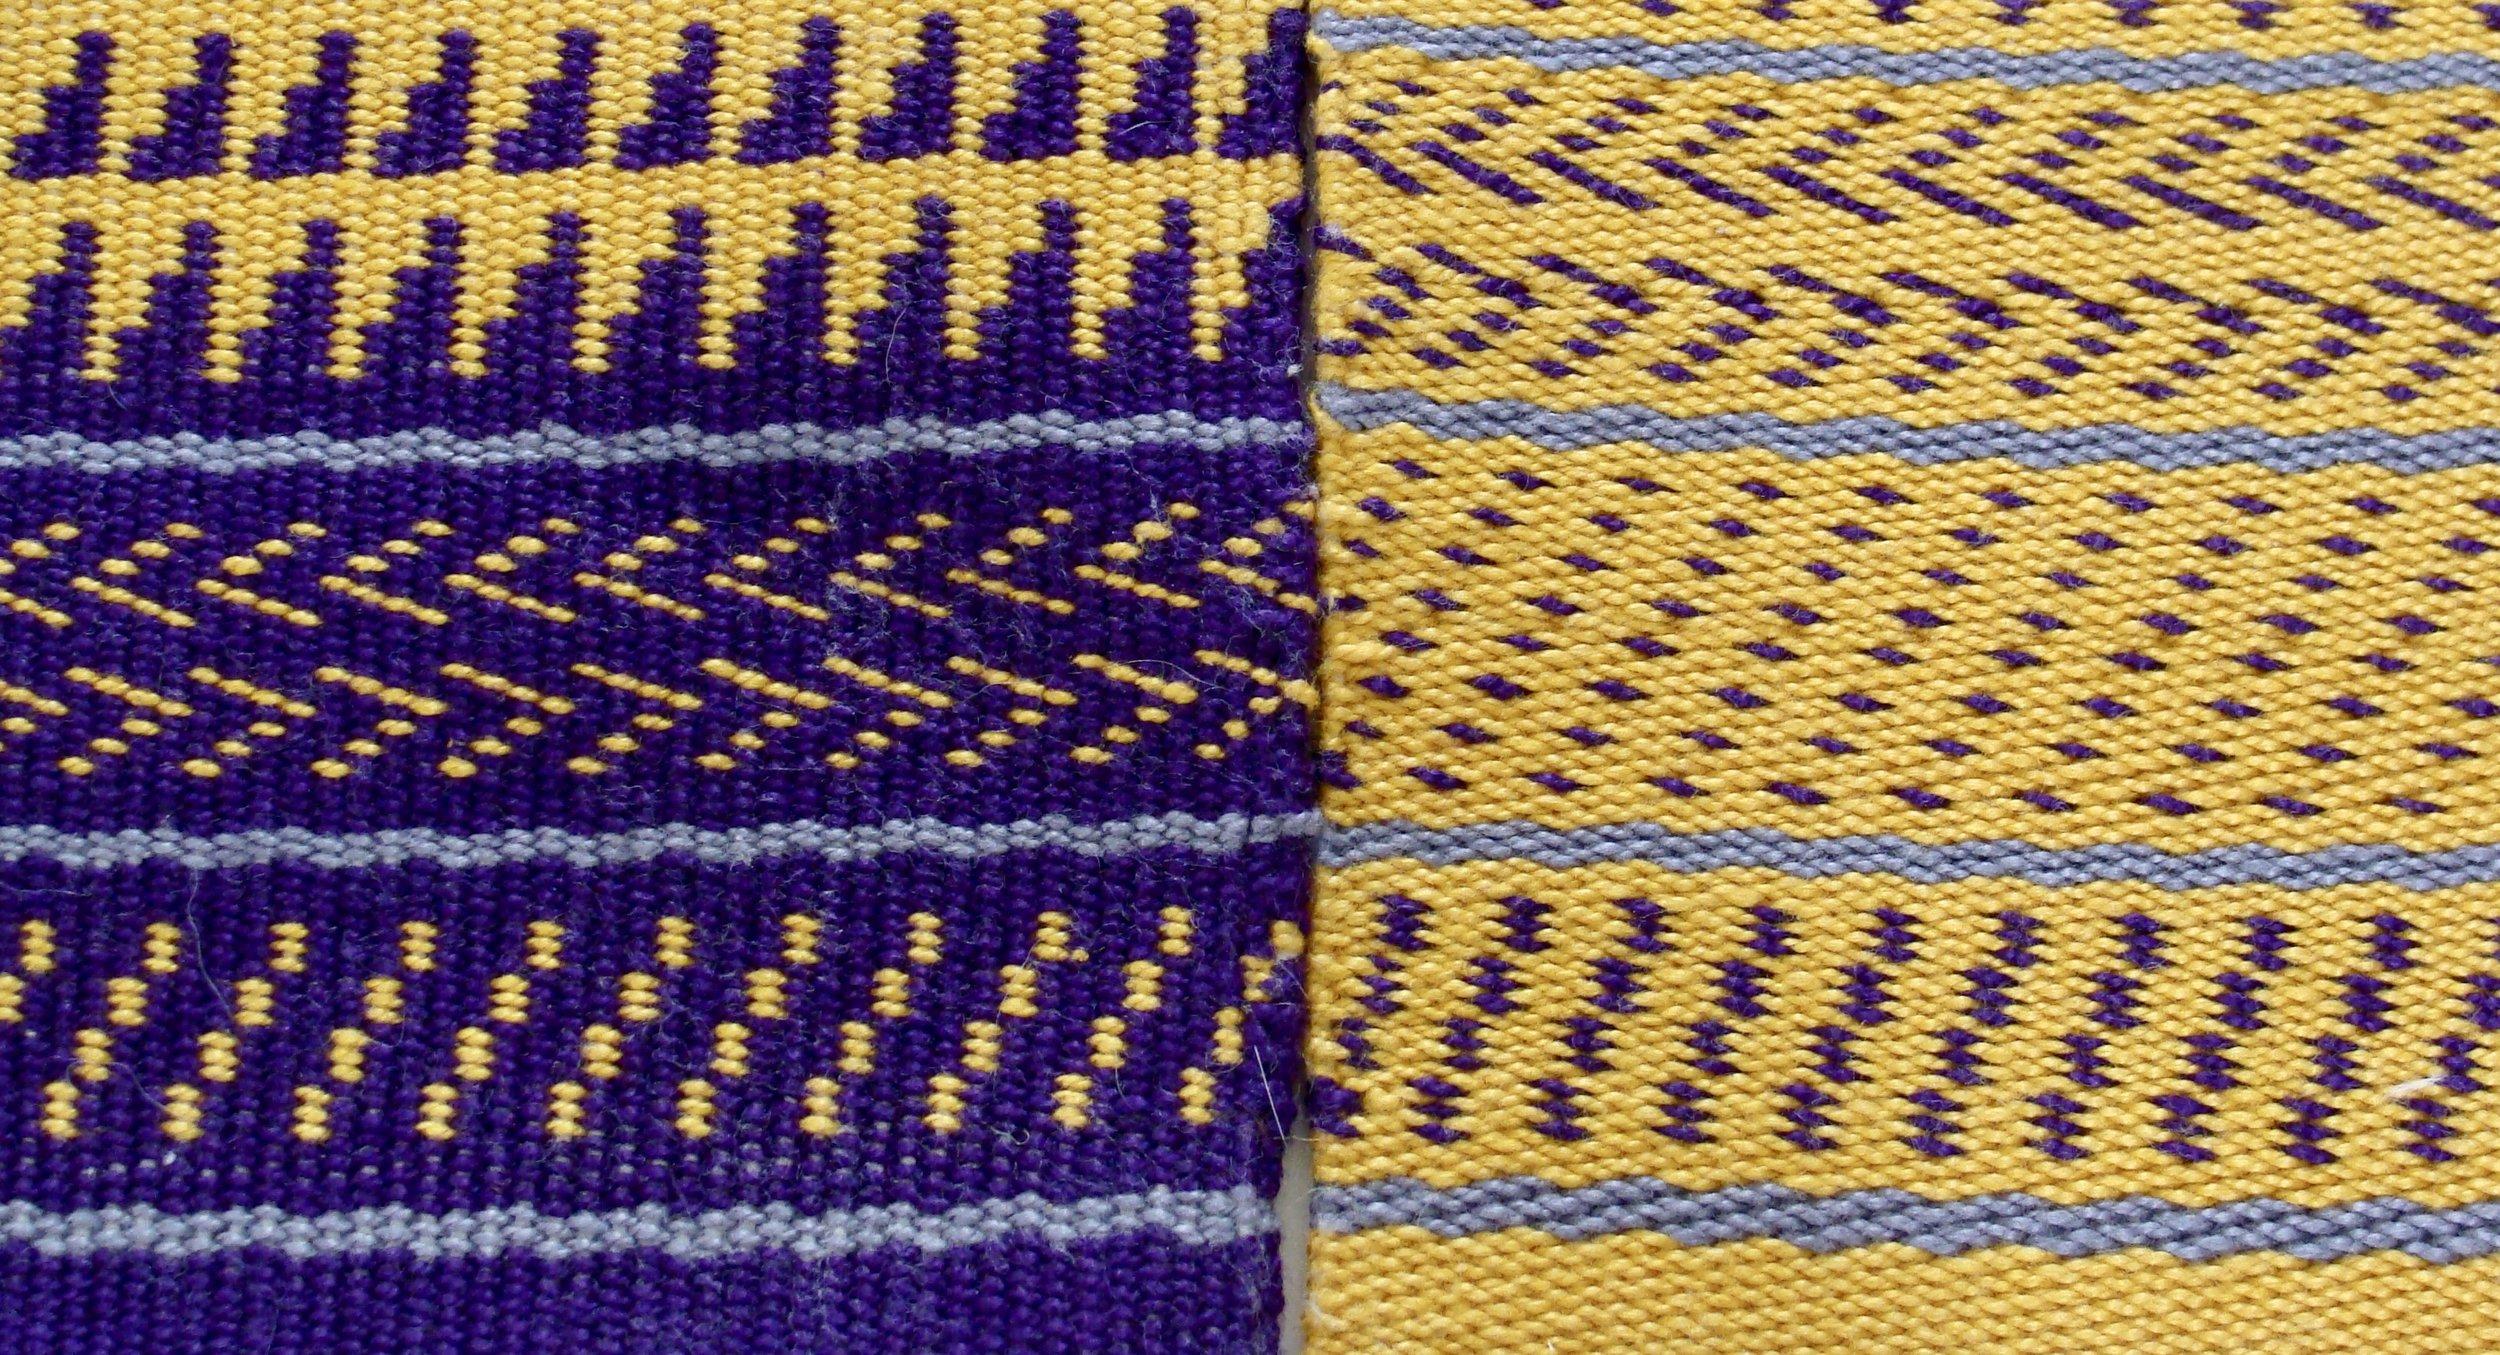 Sampler II on left, Sampler III on right